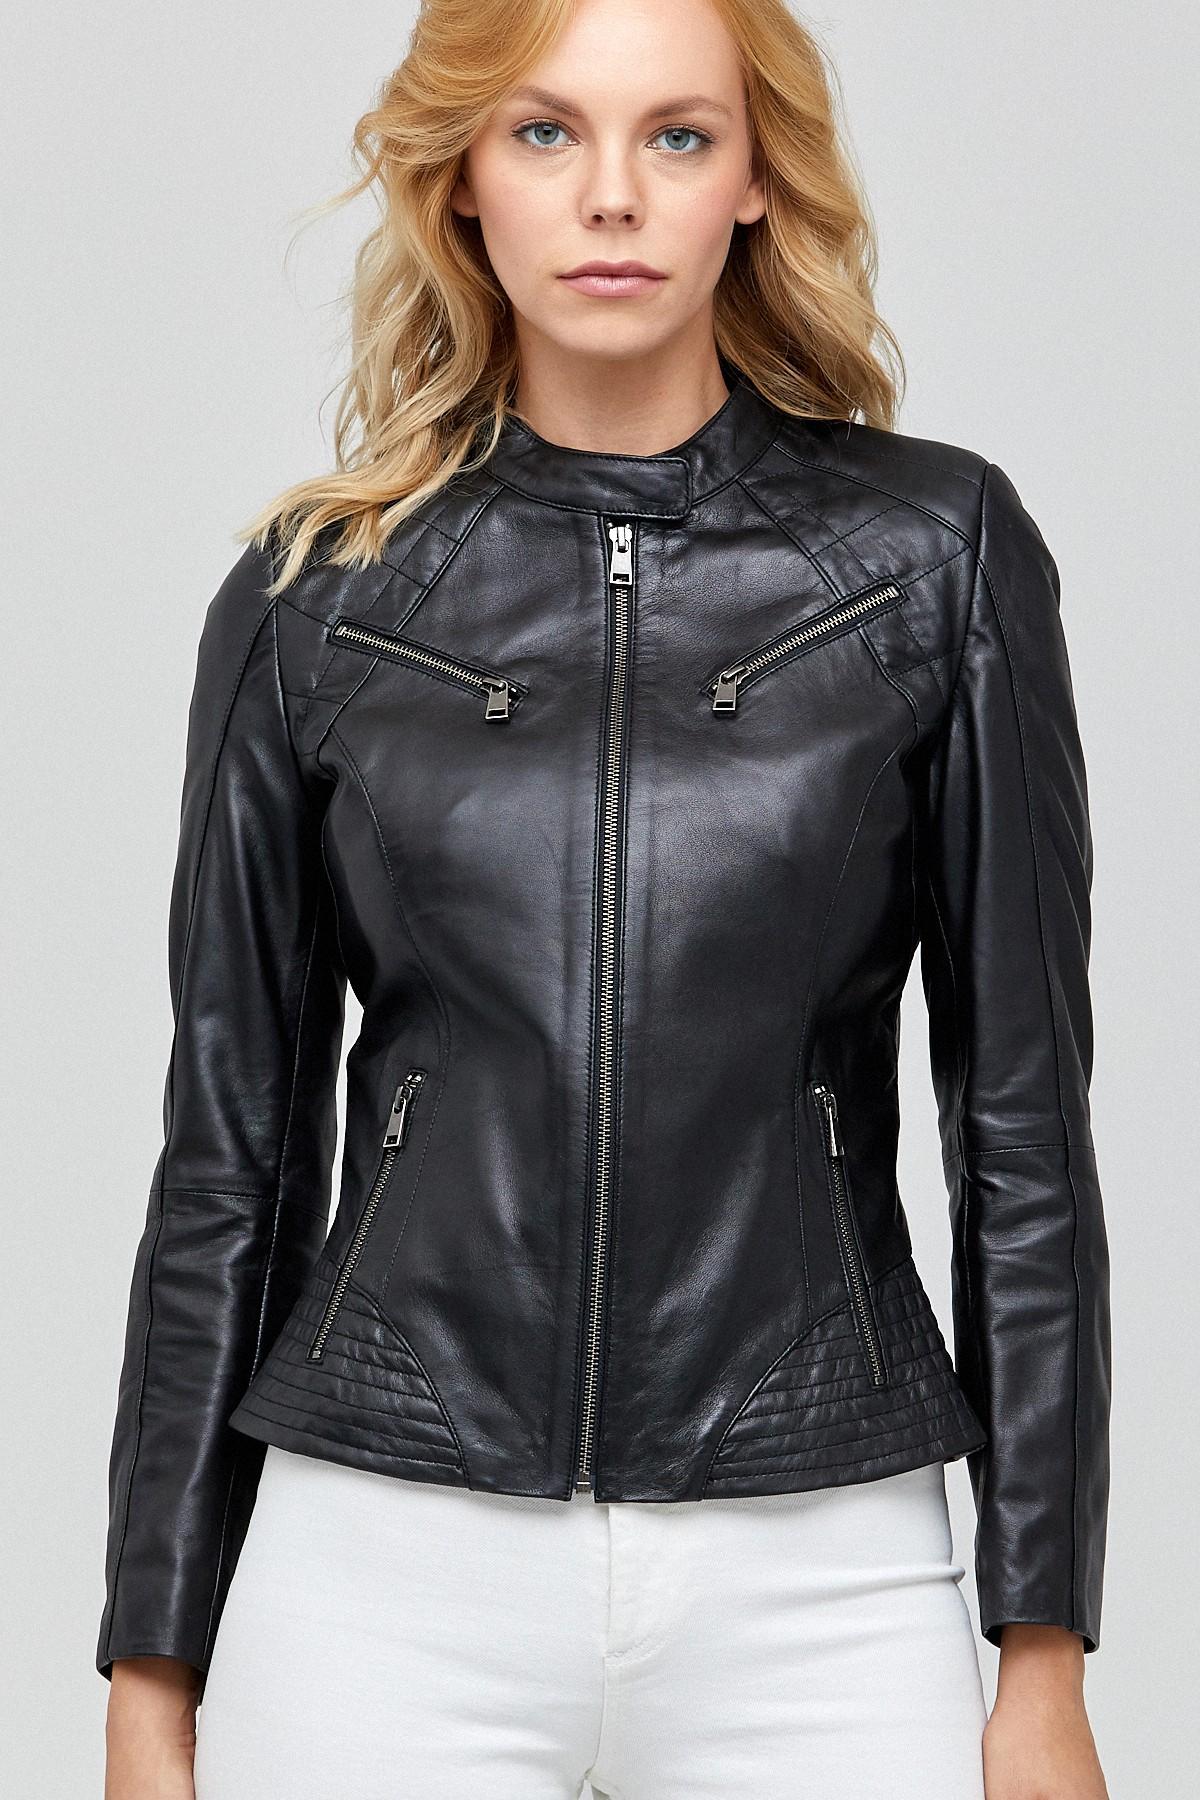 Flight Jacket Leather